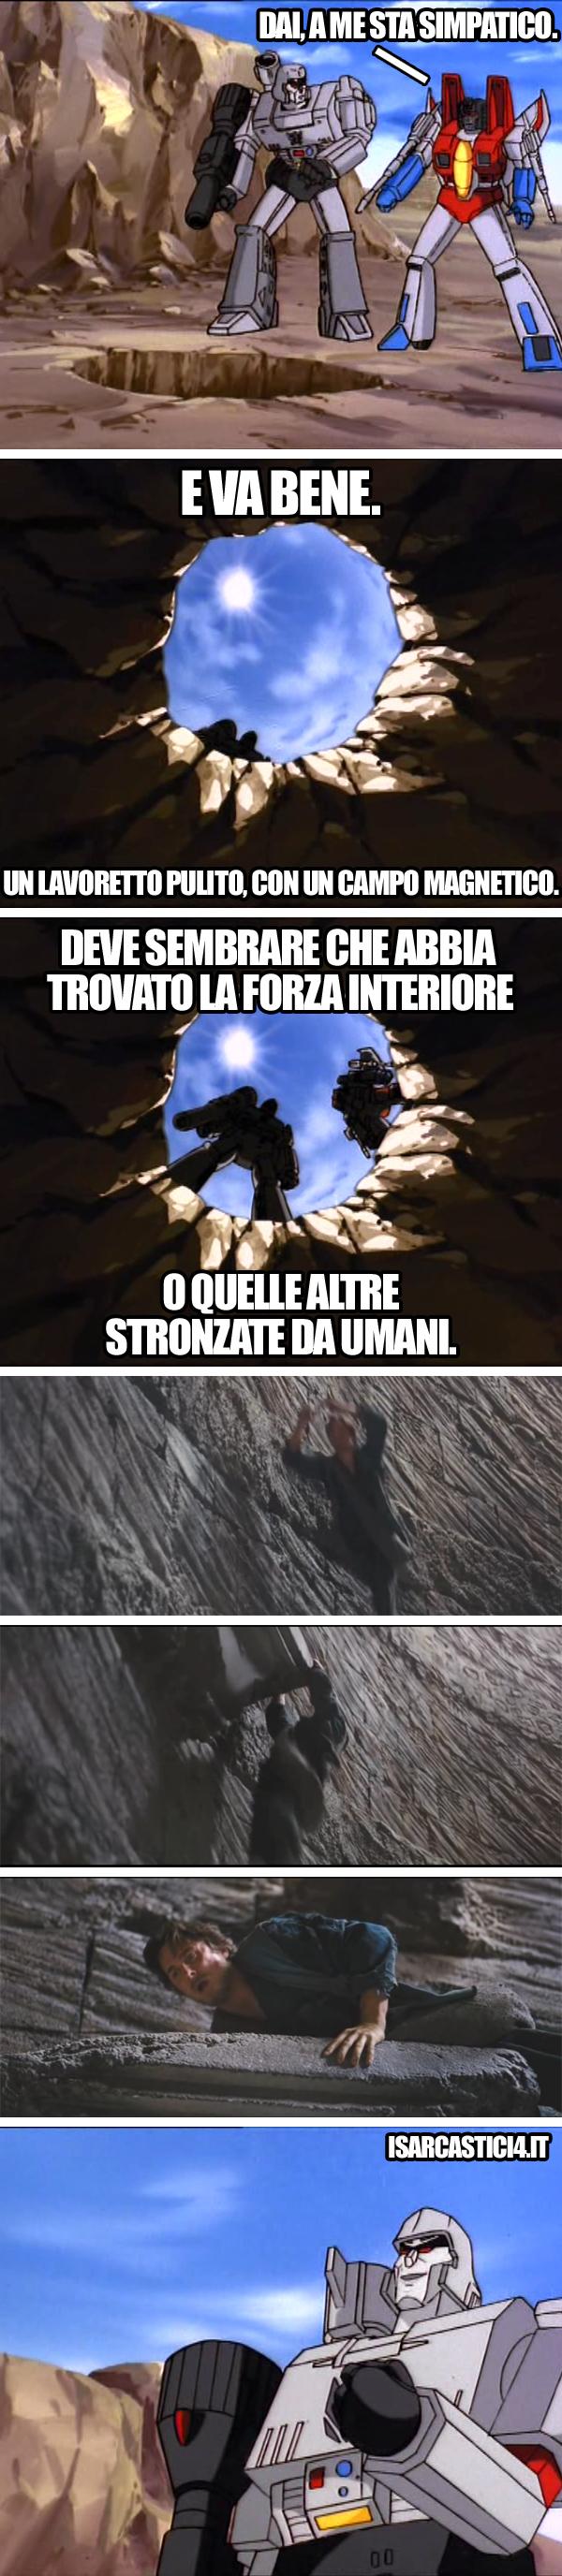 Transfomers meme ita - Aiutino